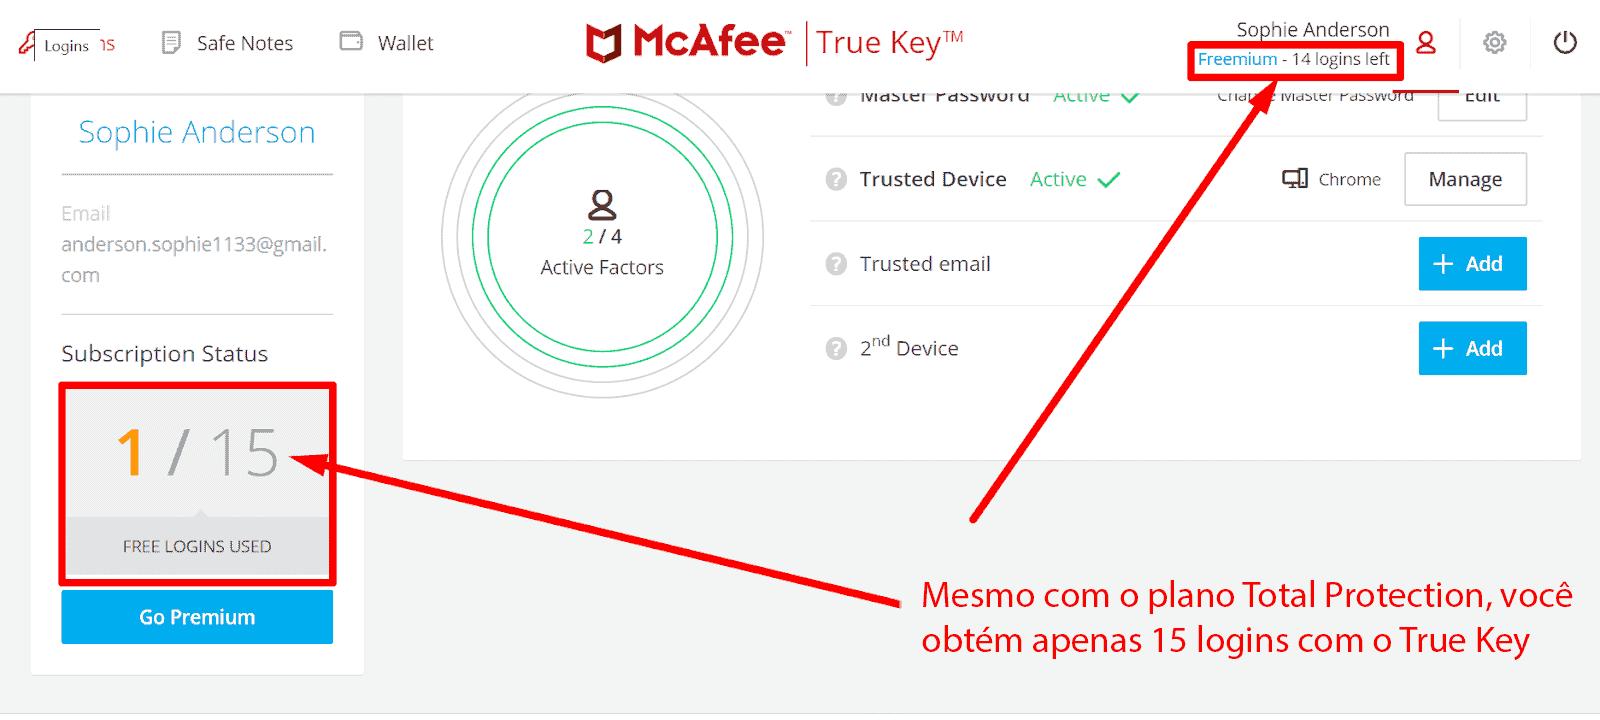 Recursos de segurança do McAfee